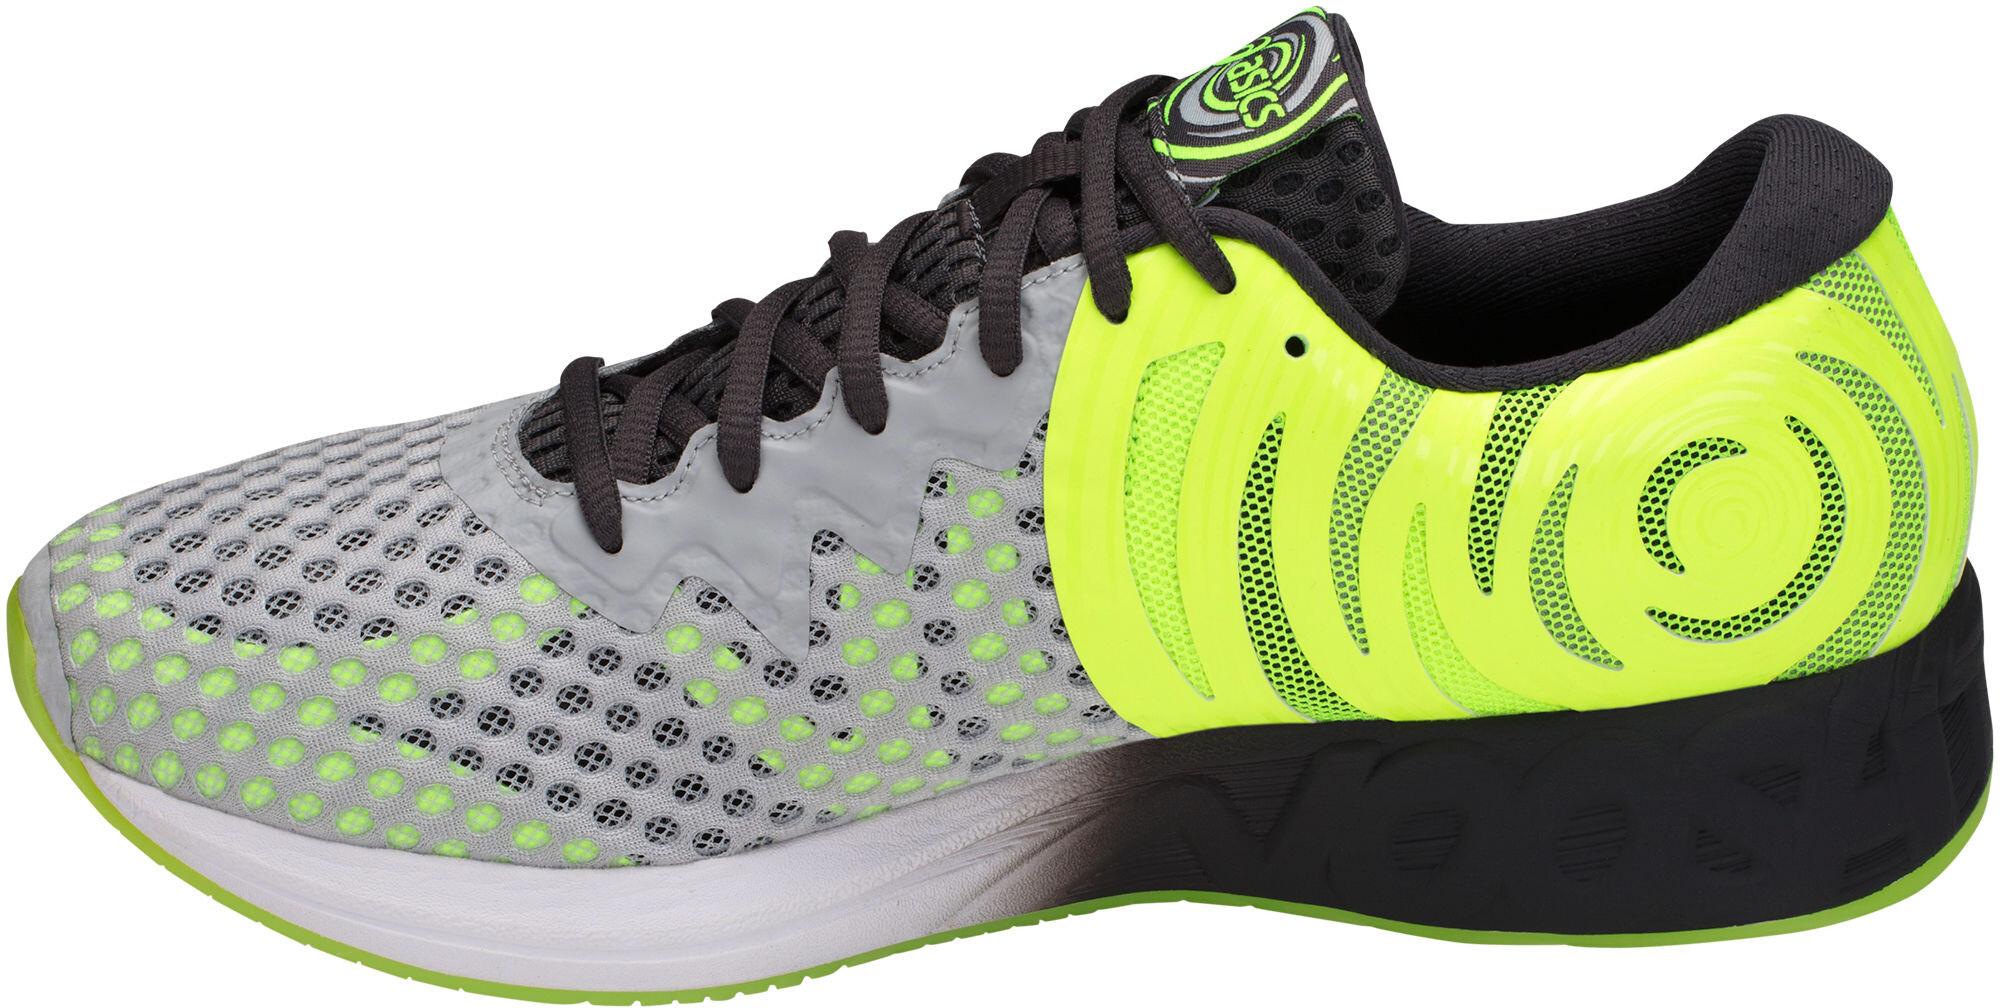 asics Noosa FF 2 - Chaussures running Homme - gris vert sur CAMPZ ! b42e58028b1a